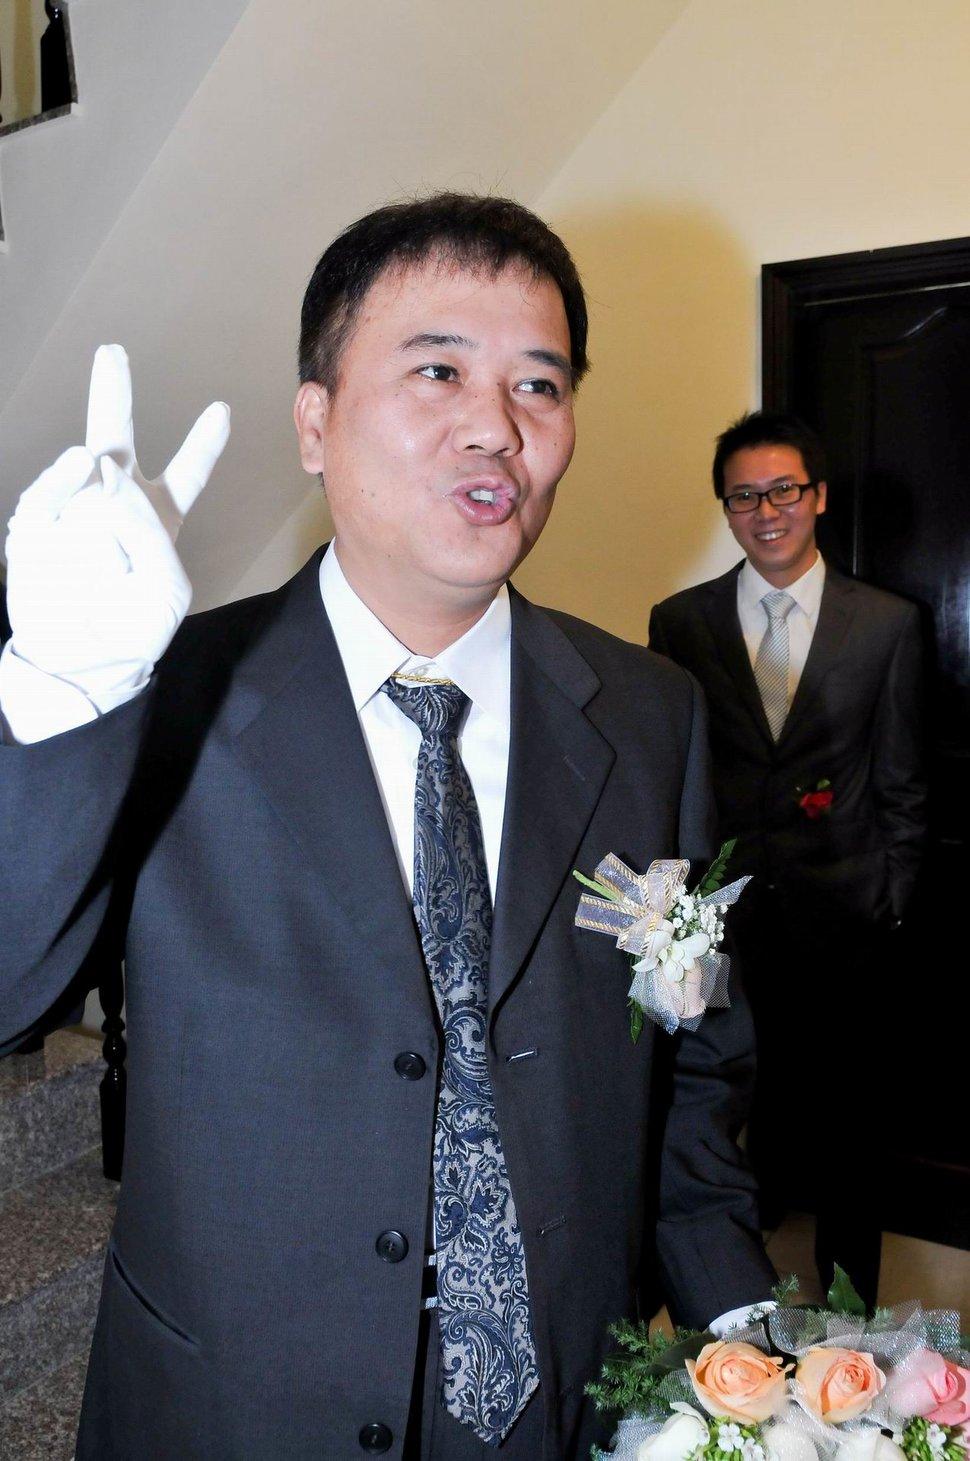 專業婚攝婚禮紀錄婚禮紀錄專業錄影婚禮錄影婚禮記錄動態微電影錄影專業錄影平面攝影婚攝婚禮主持人(編號:280417) - 蜜月拍照10800錄影12800攝影團隊 - 結婚吧